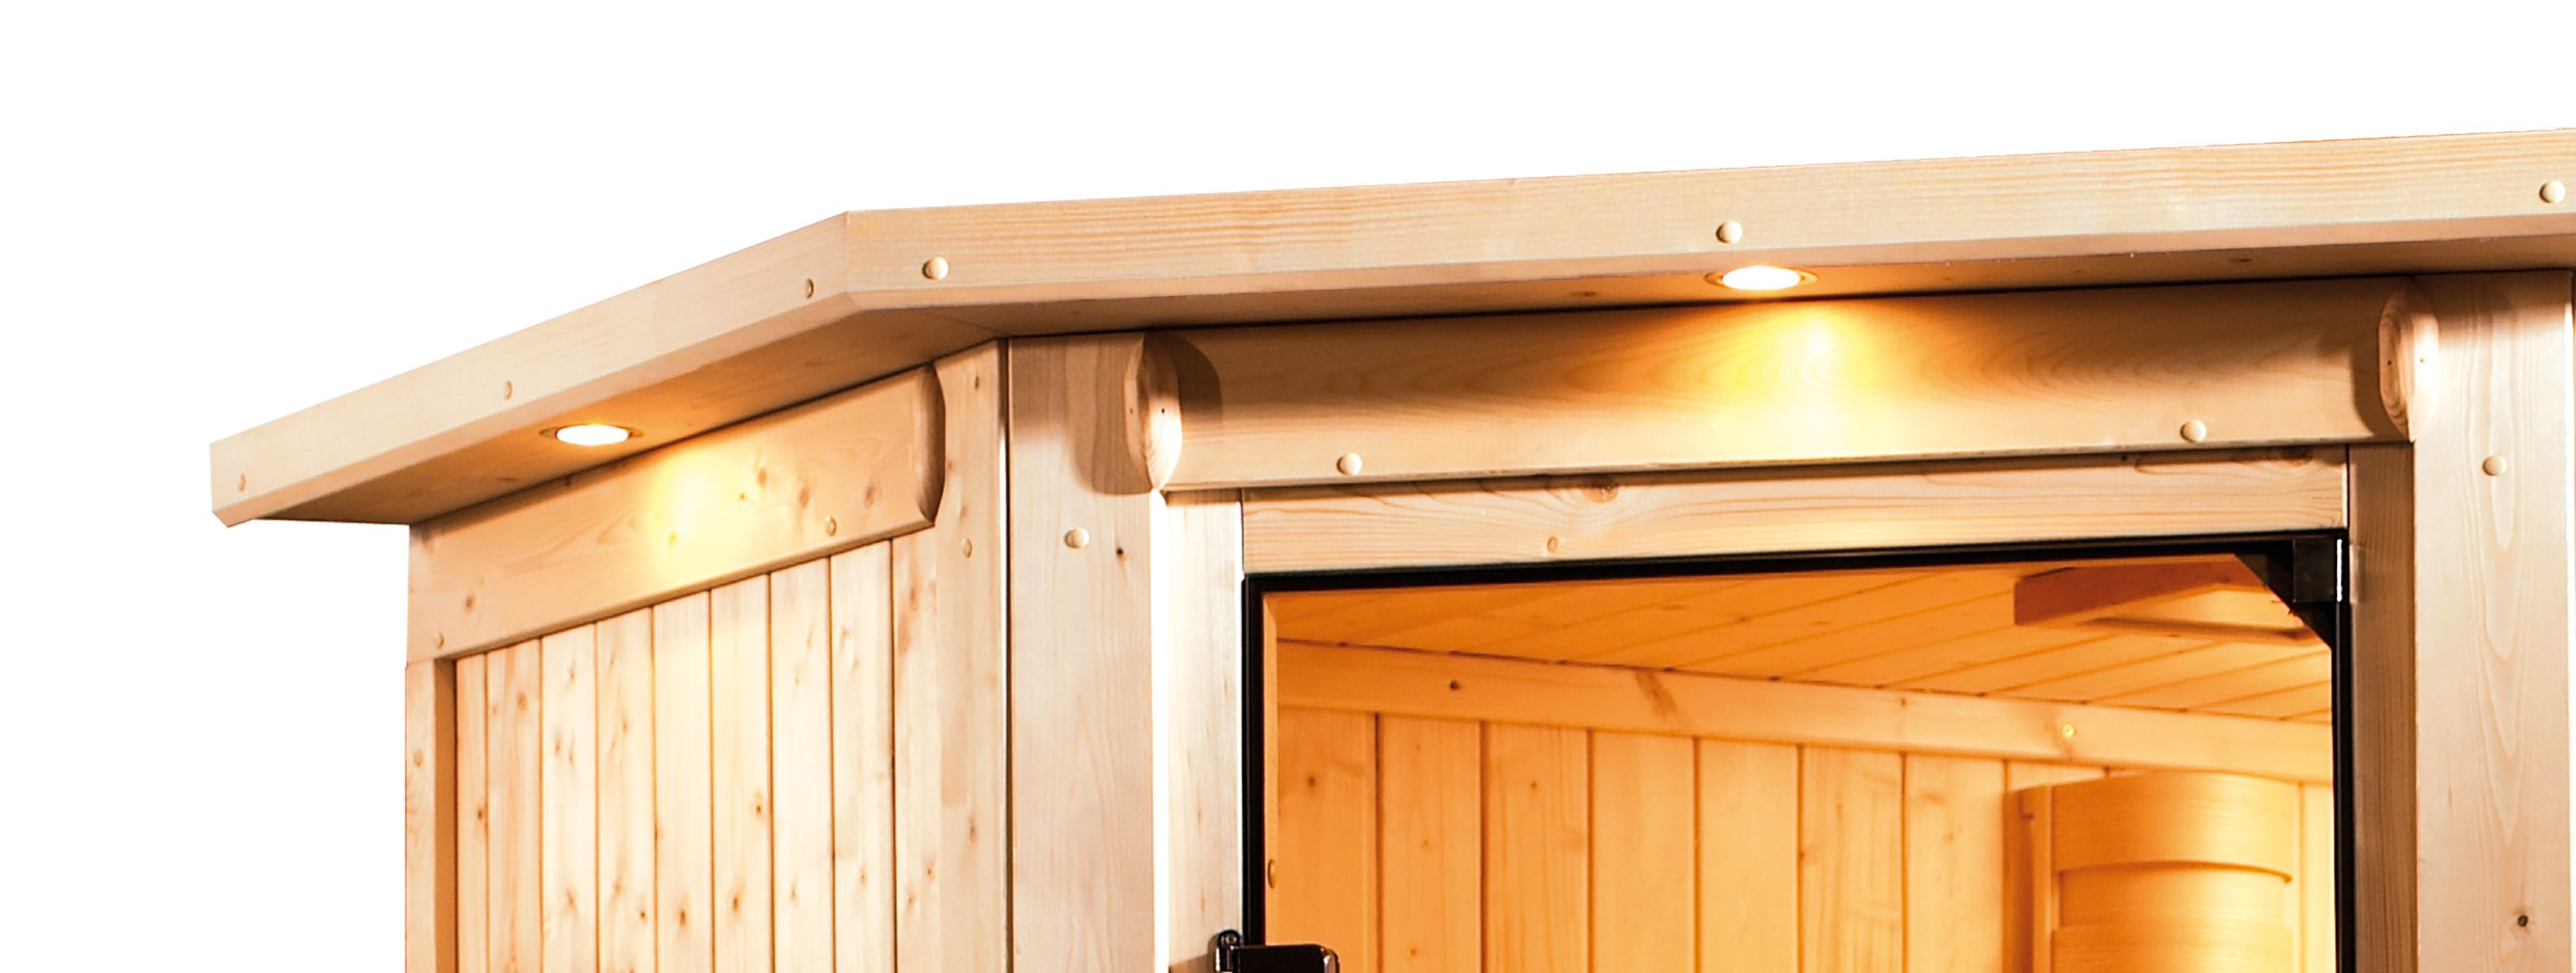 Woodfeeling Sauna Lisa 38mm Kranz ohne Ofen Tür Modern Bild 2